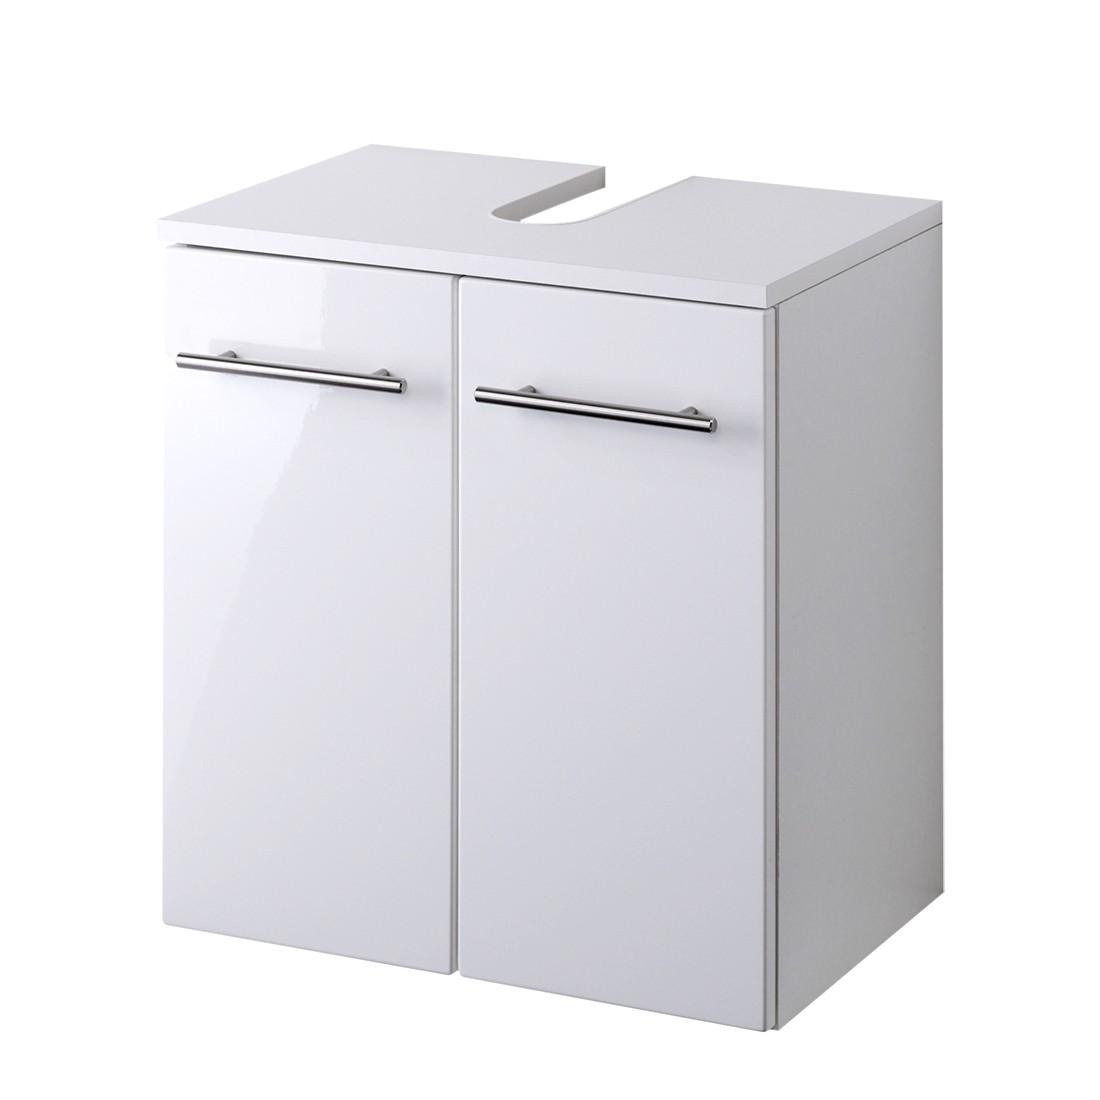 Armadietto da lavandino Kopenhagen - Bianco lucido/Bianco, mooved